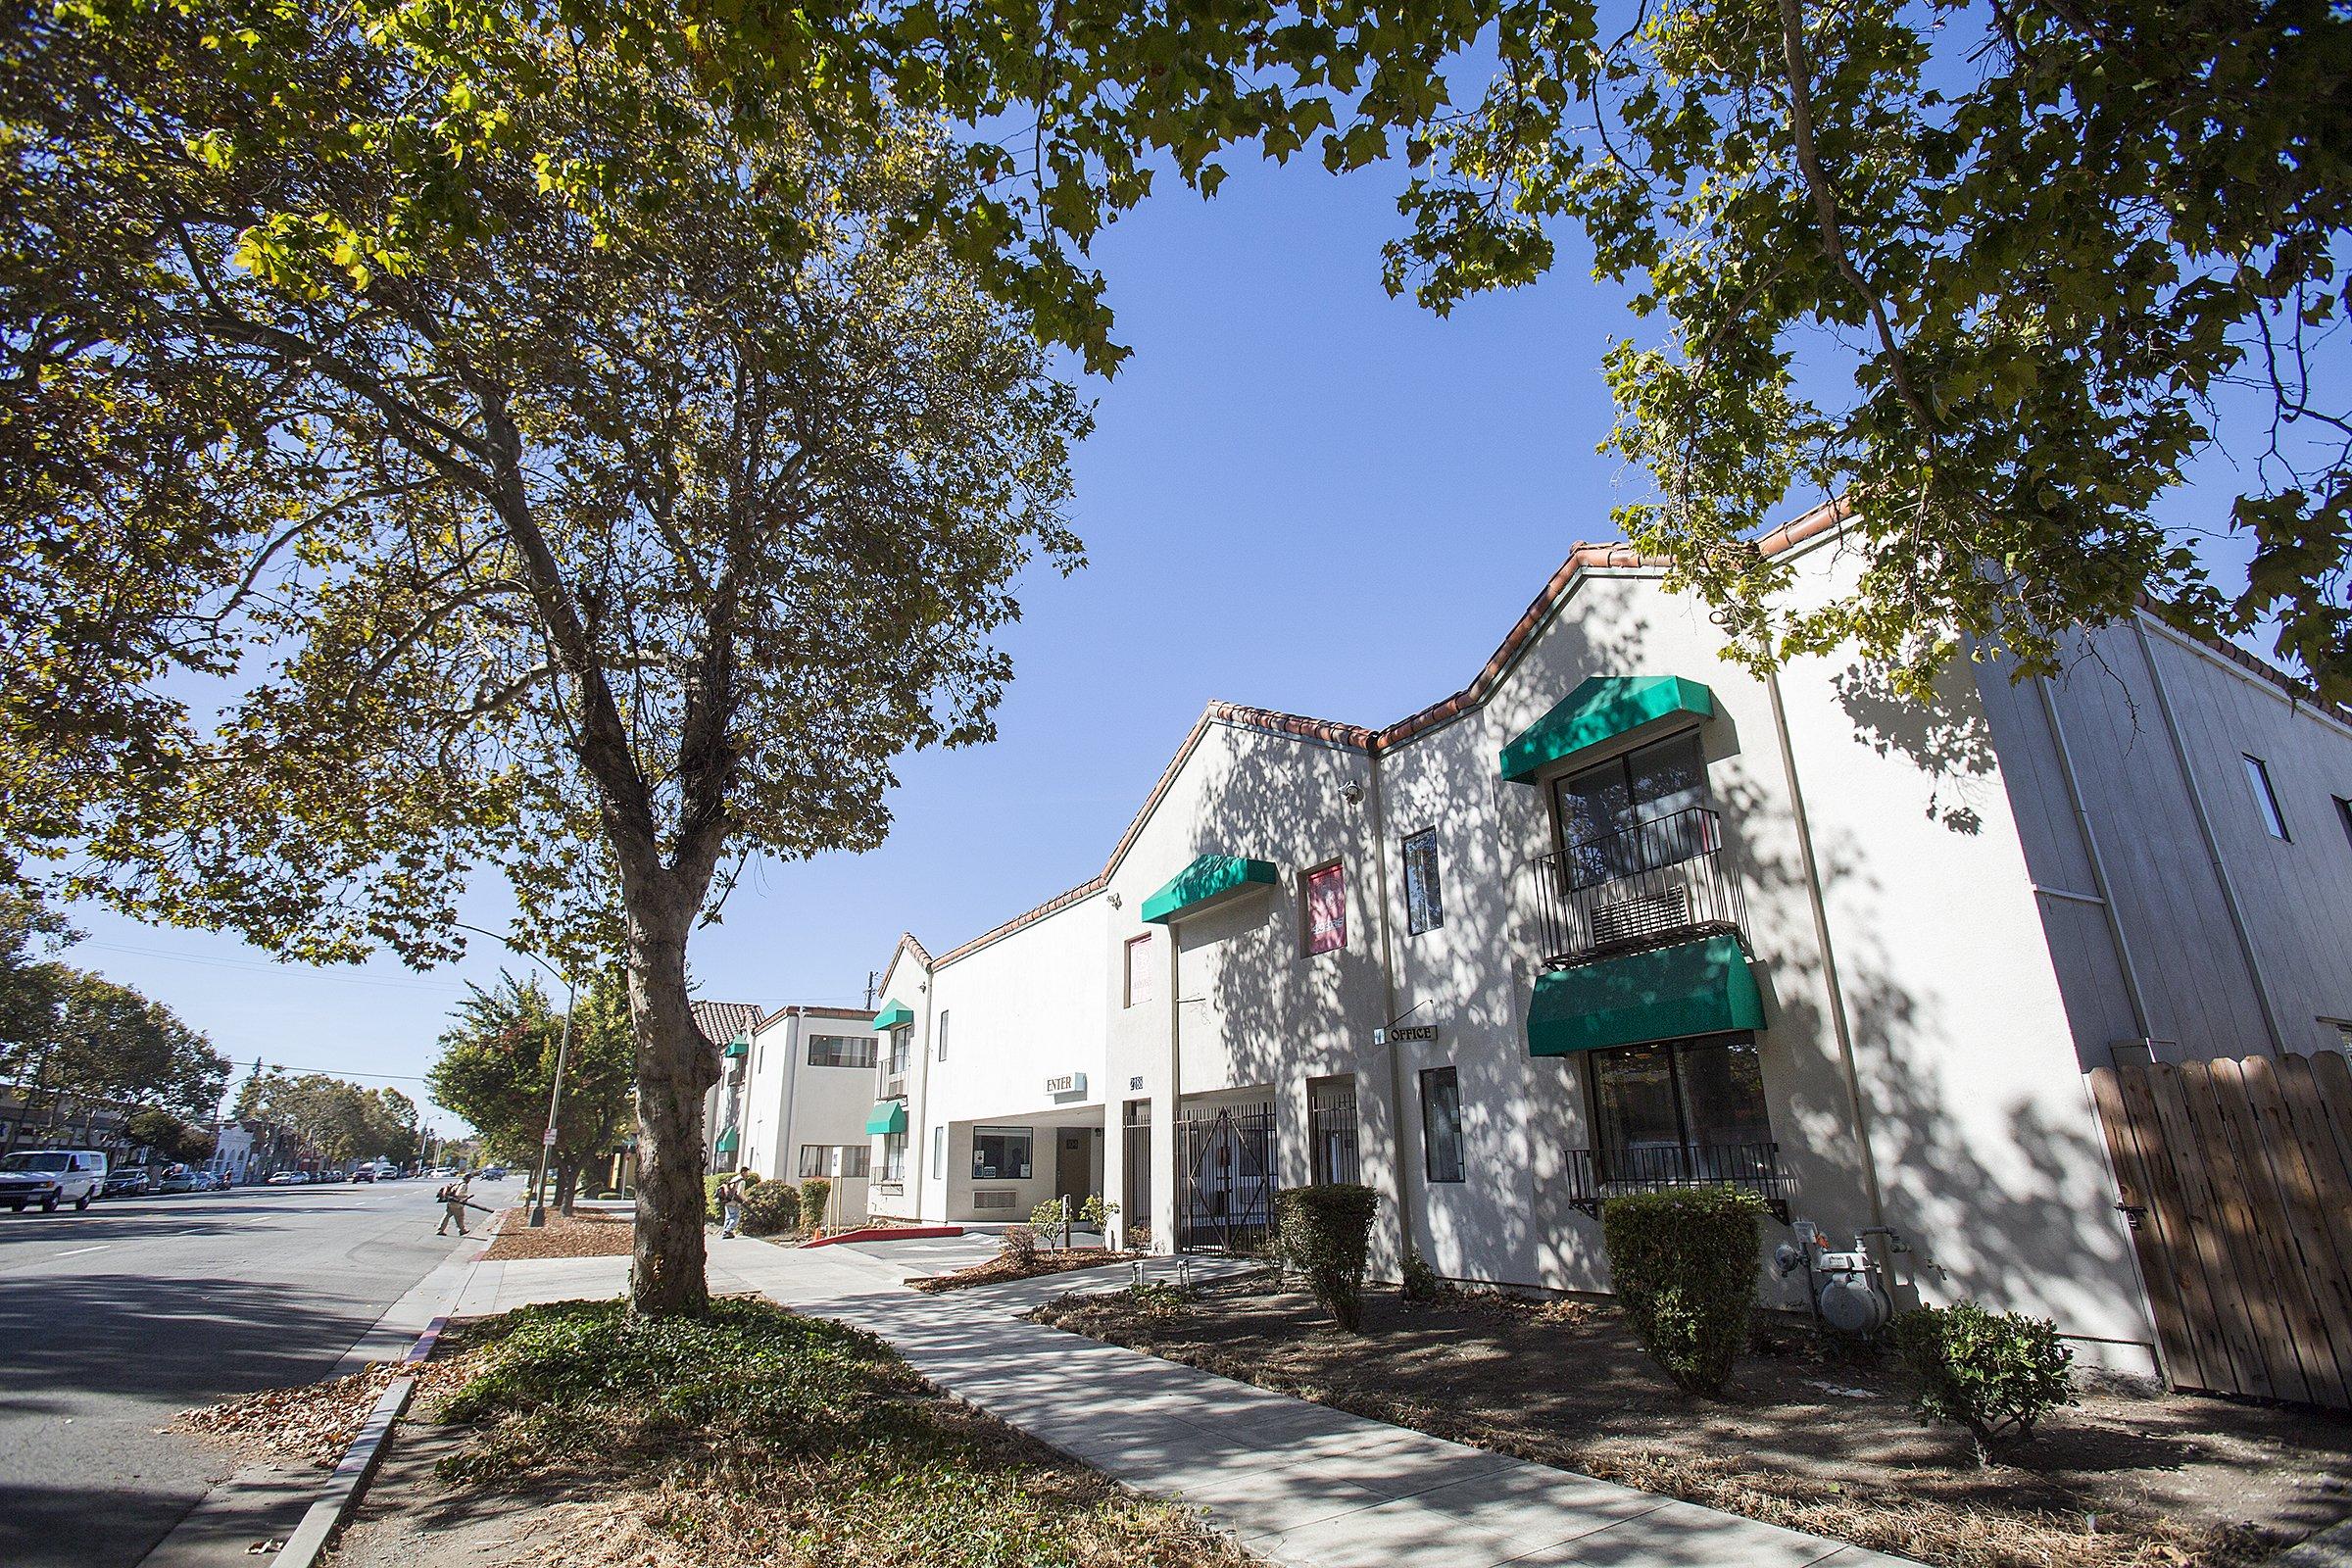 Image of Casa de Novo  in San Jose, California